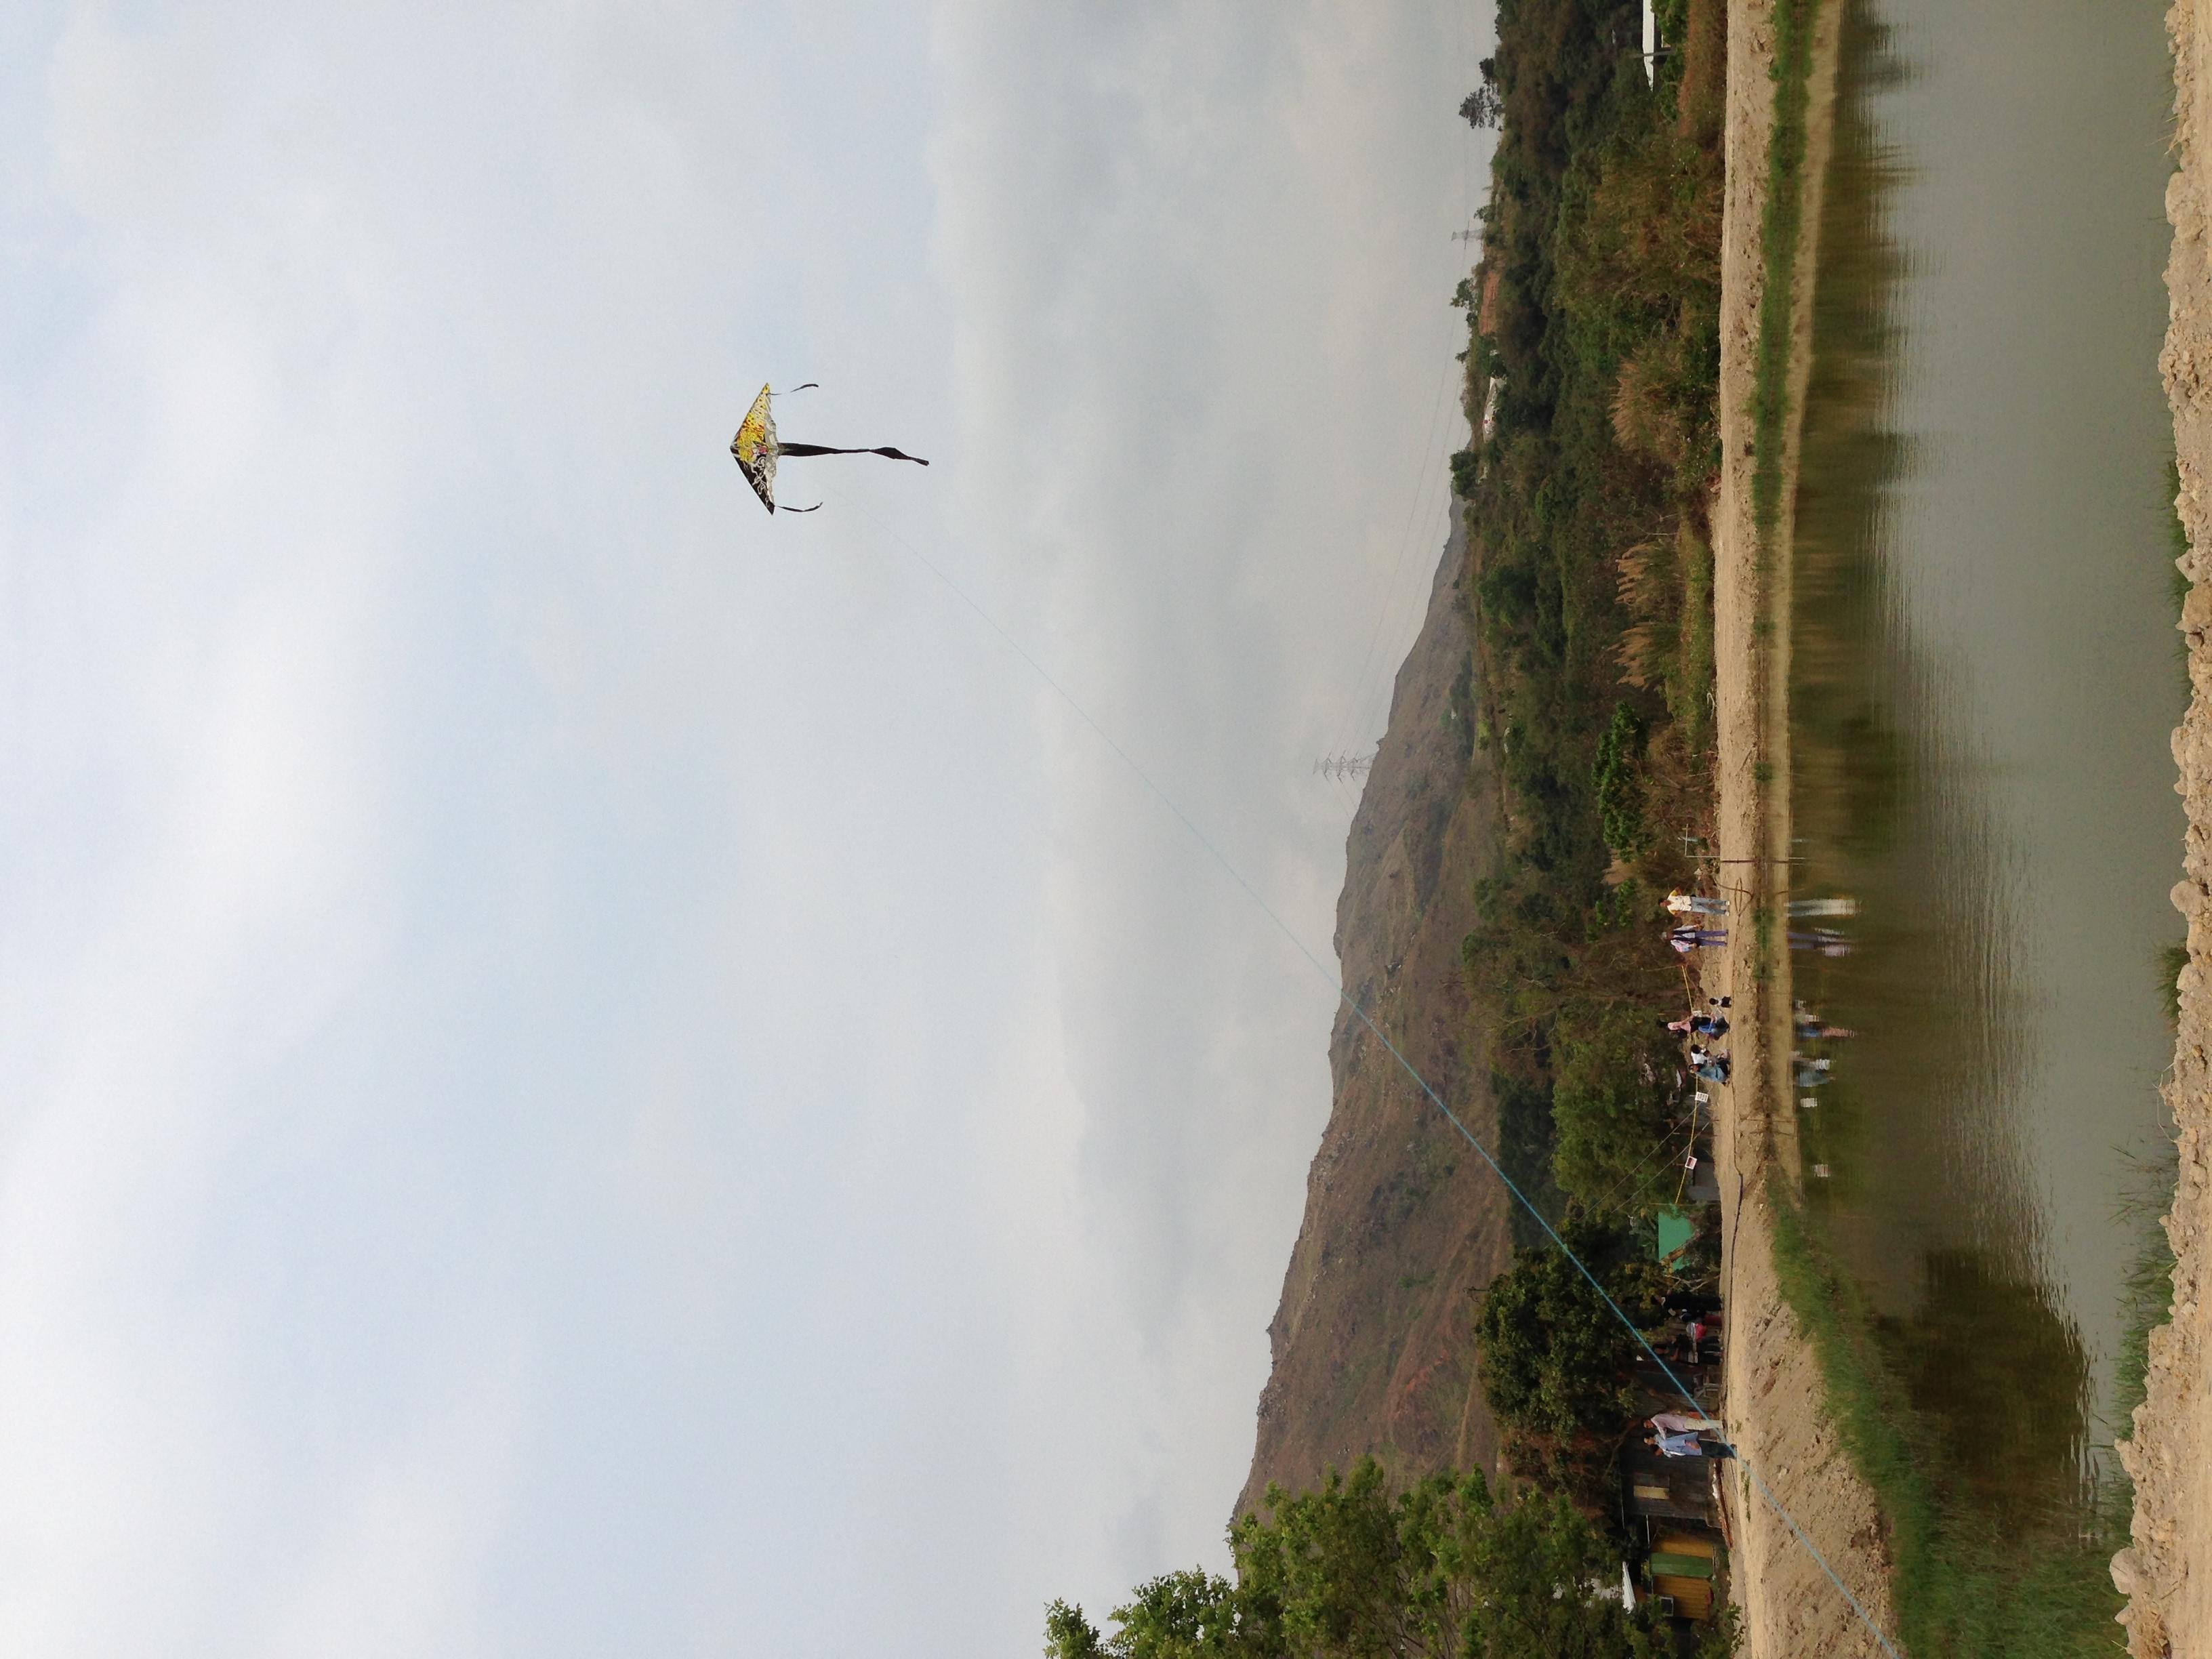 Fly a kite by the pond.